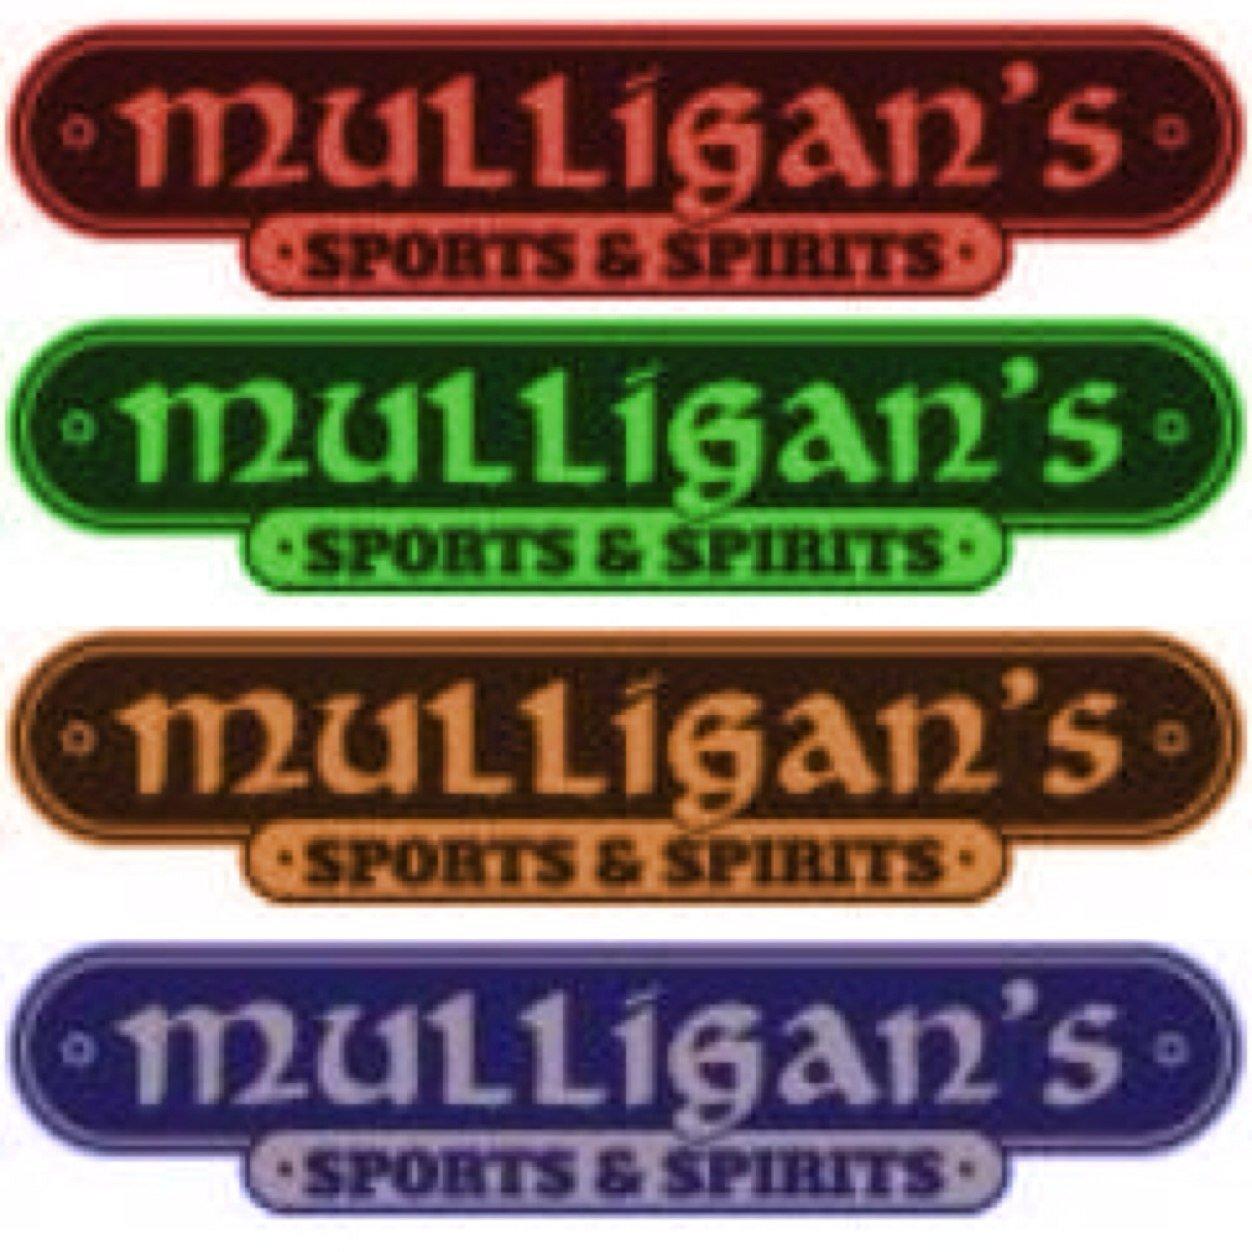 Mulligans scranton